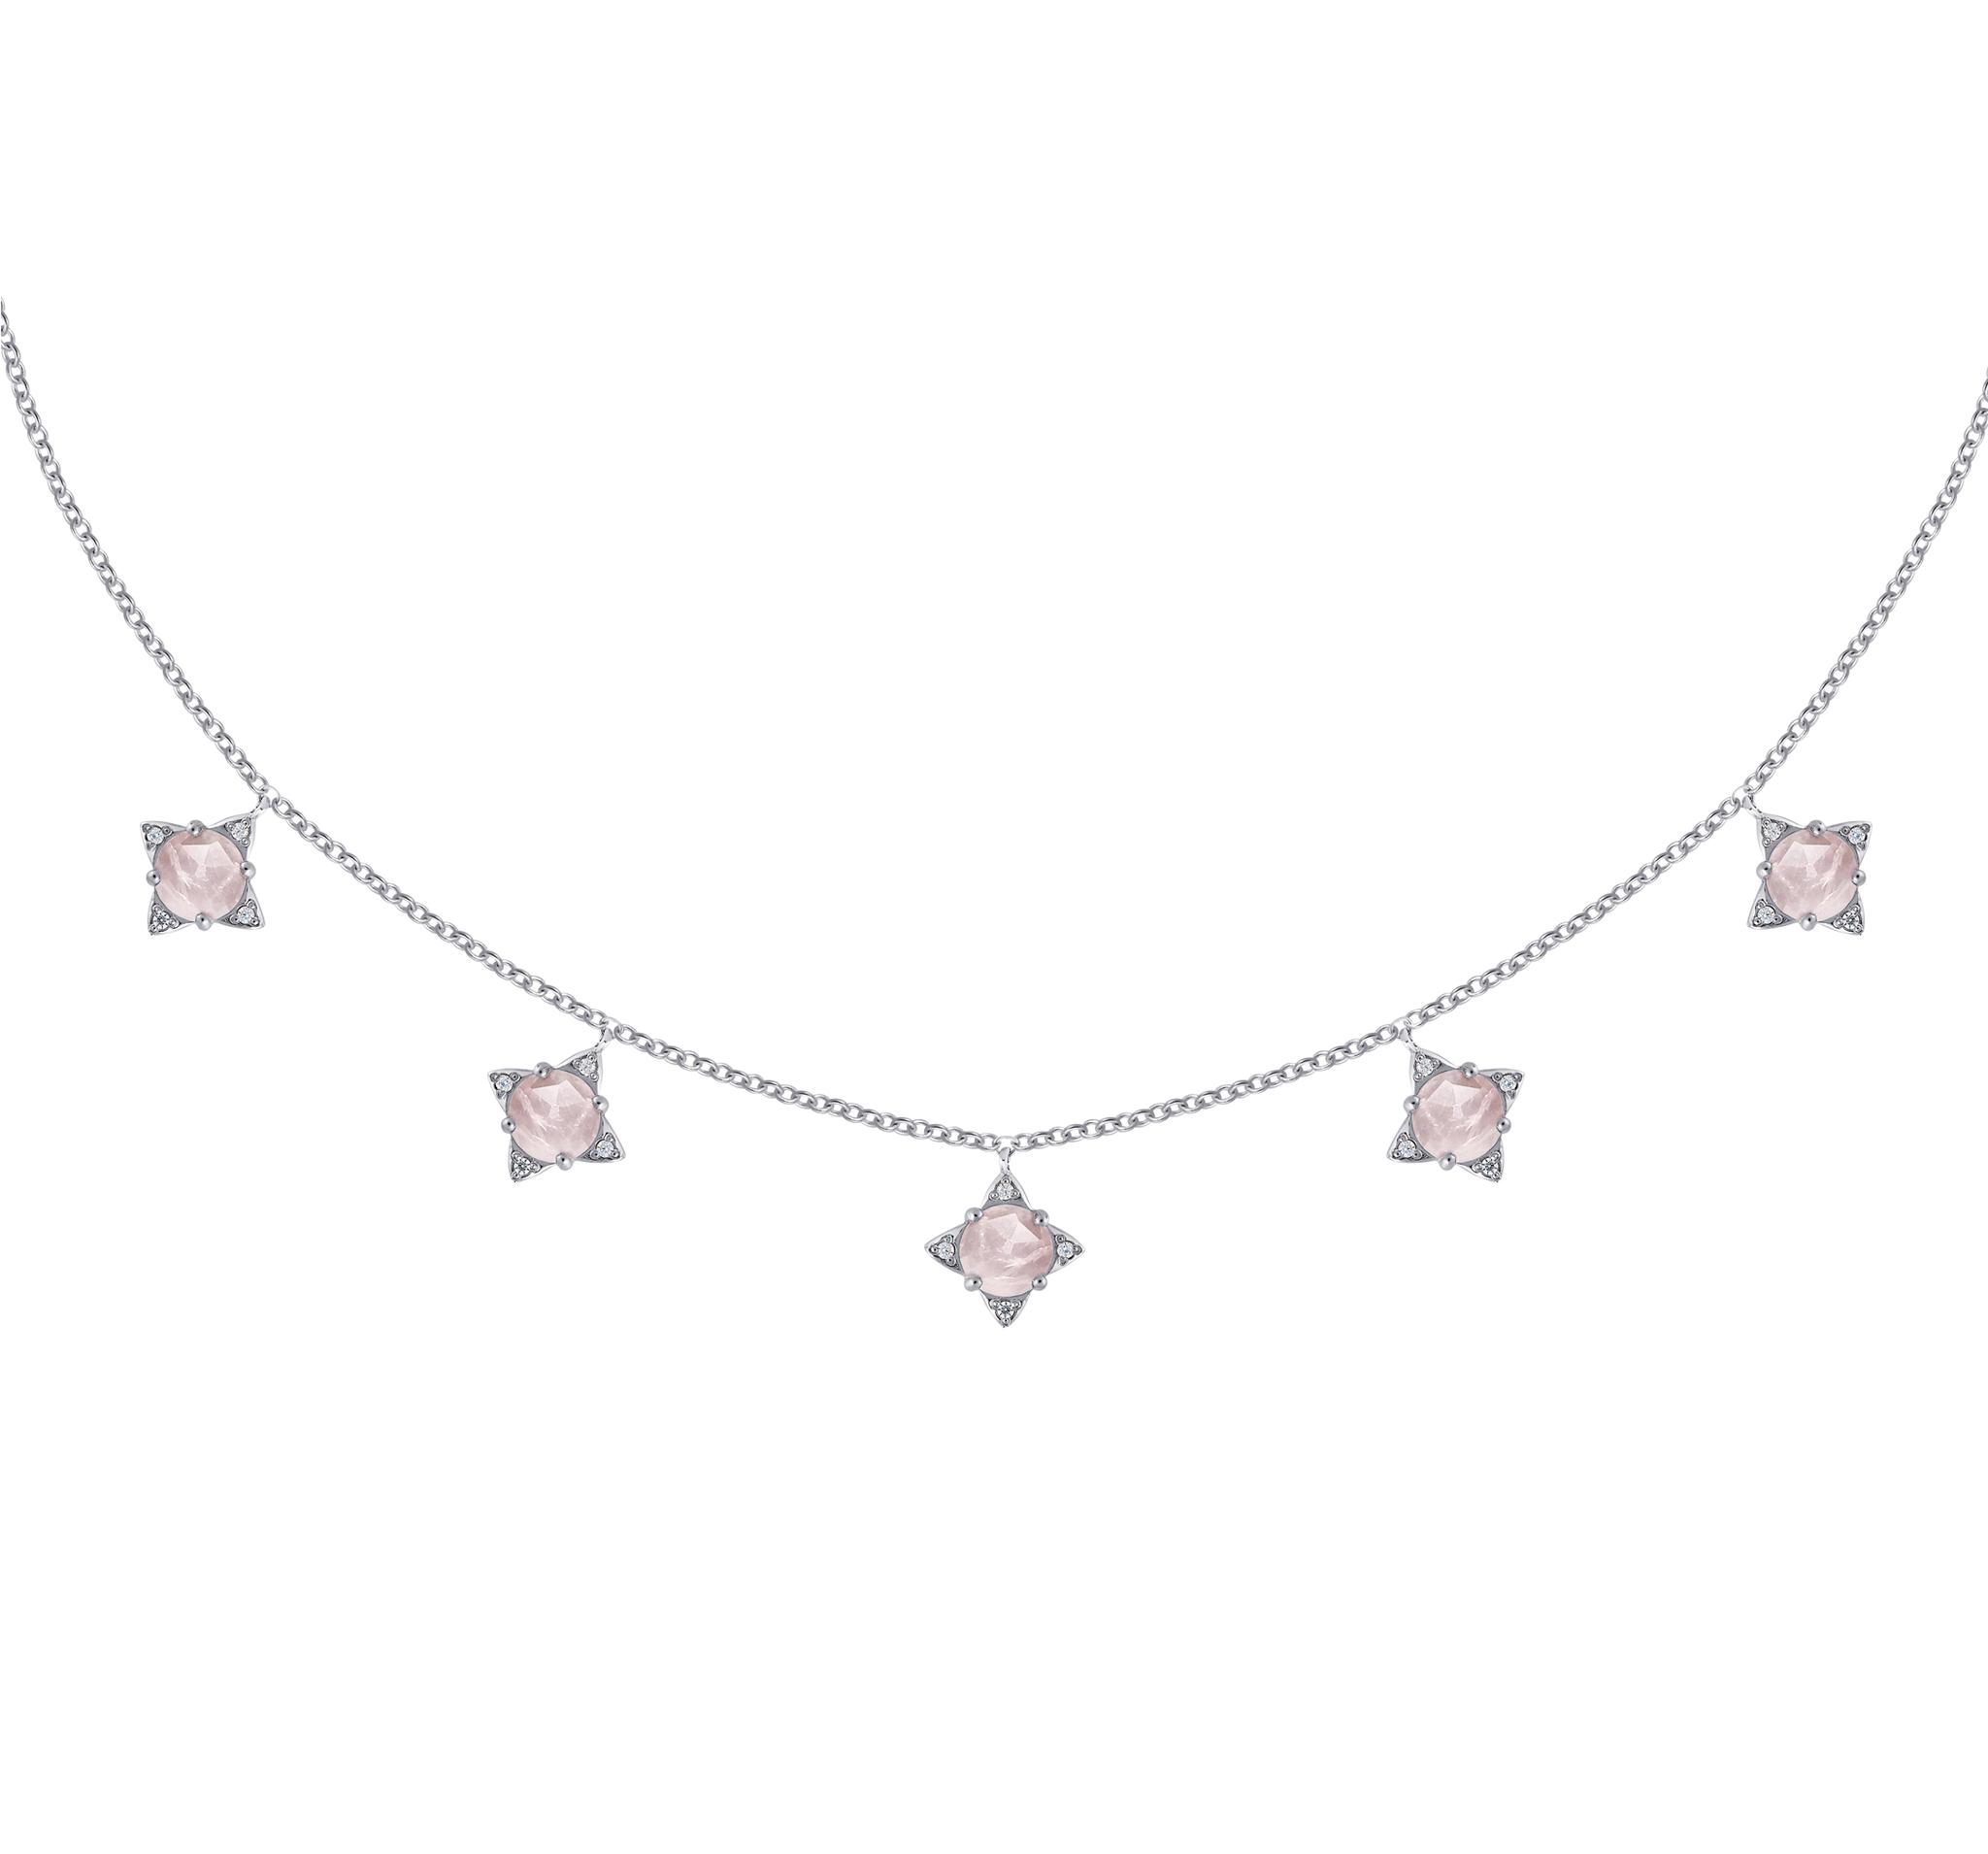 Нежное ожерелье с подвесами из розового кварца огранки